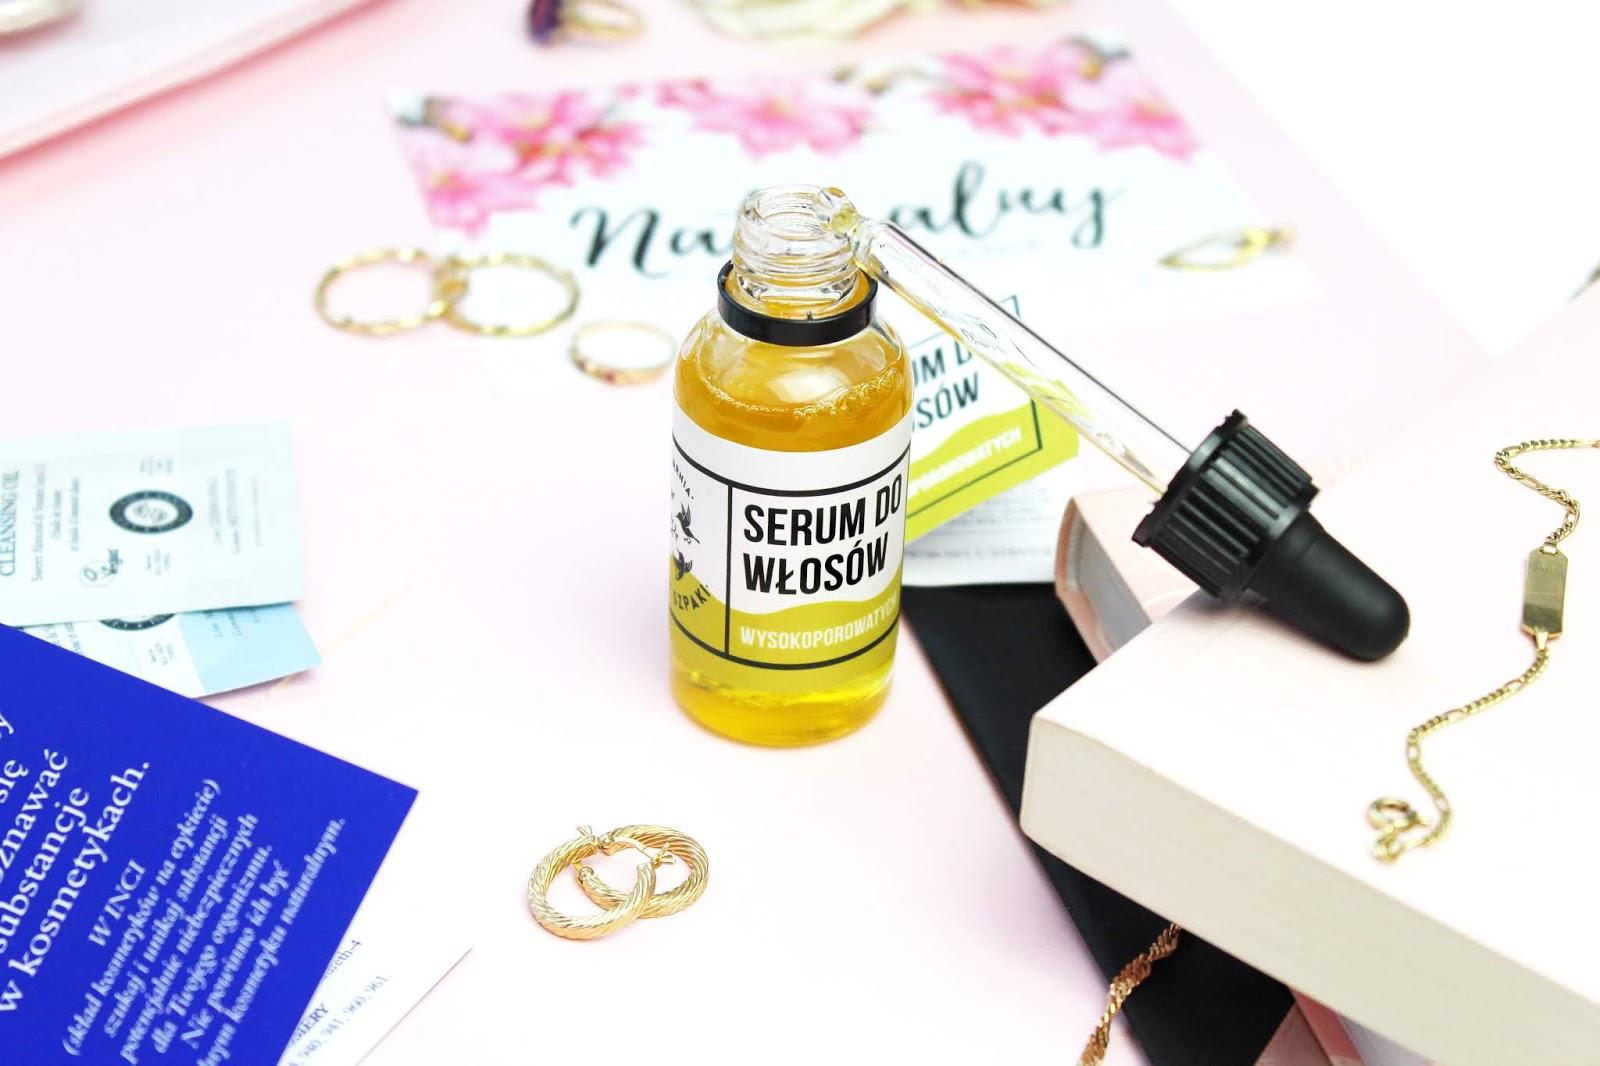 Mydlarnia Cztery Szpaki Serum dla włosów wysokoporowatych, 4 Szpaki Olejowe serum dla włosów wysokoporowatych